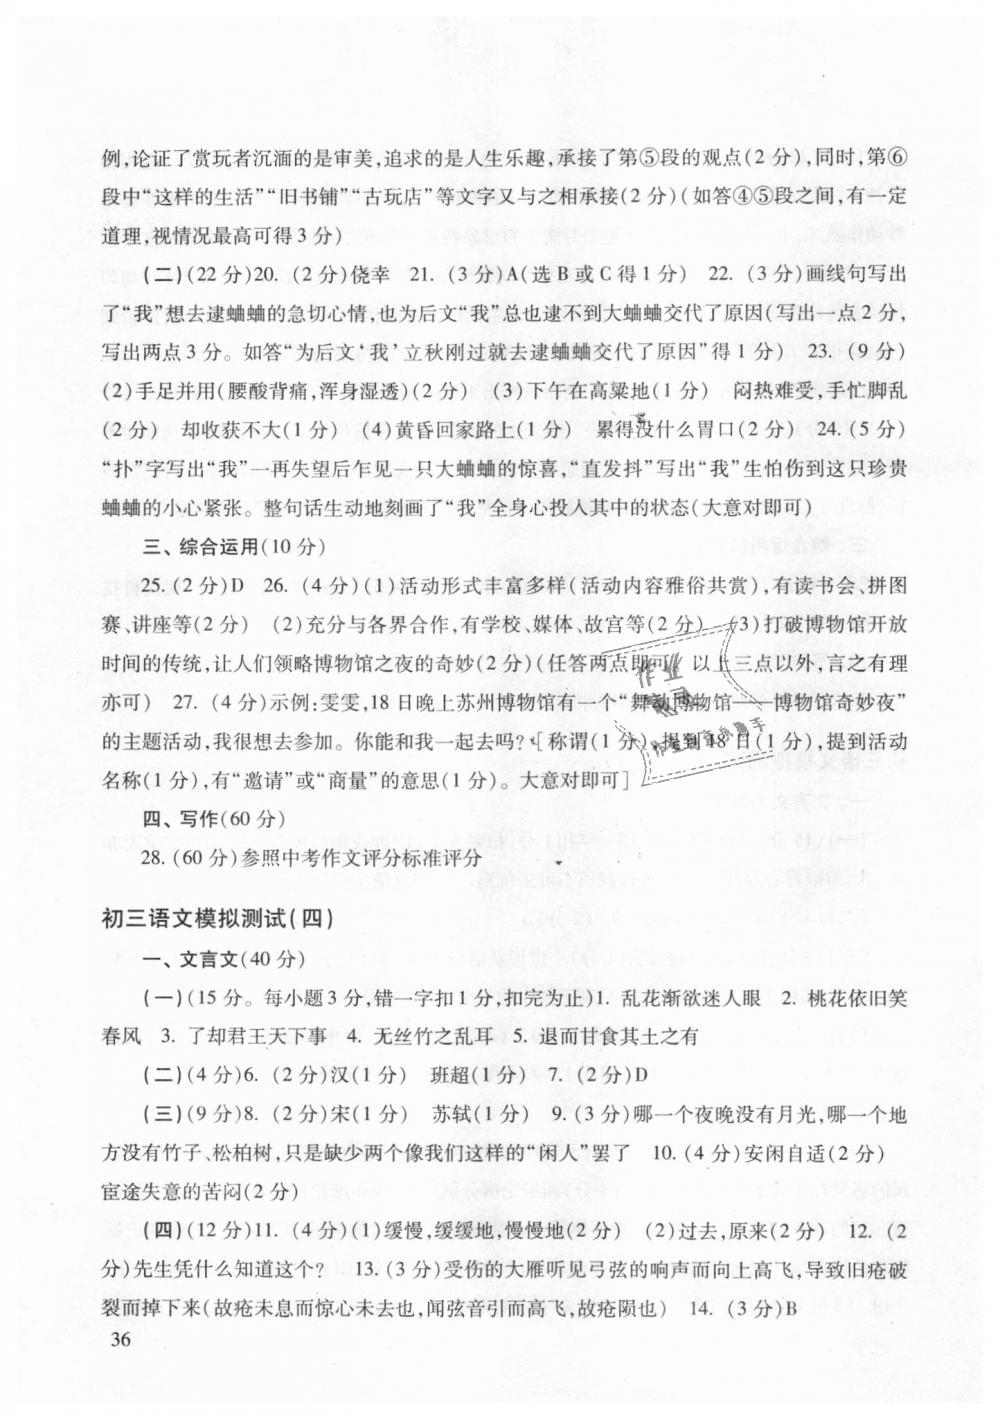 2018年中考文言诗文考试篇目点击九年级语文沪教版第36页